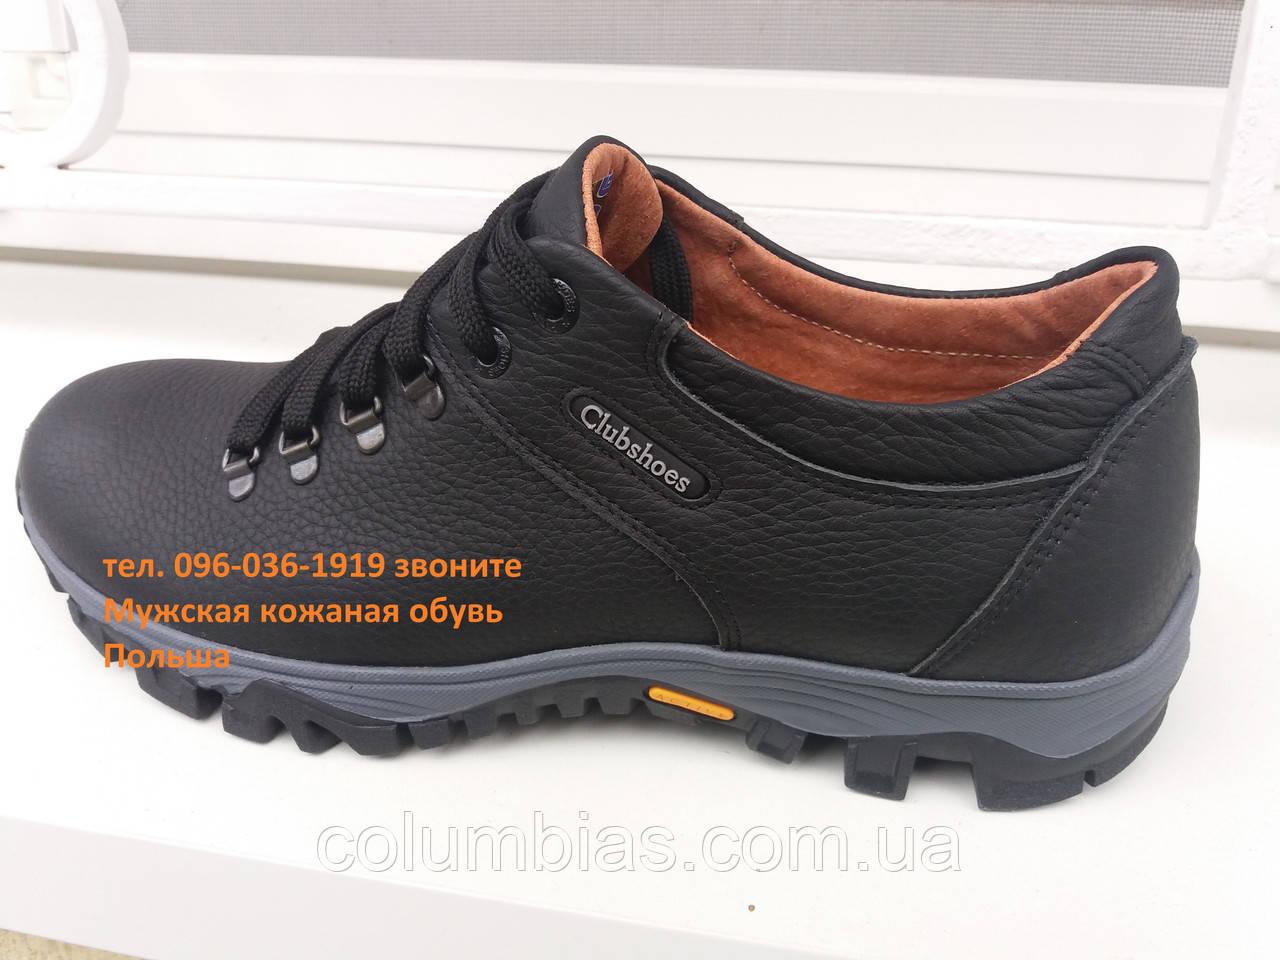 Кожаные мужские кроссовки Соlambia е7